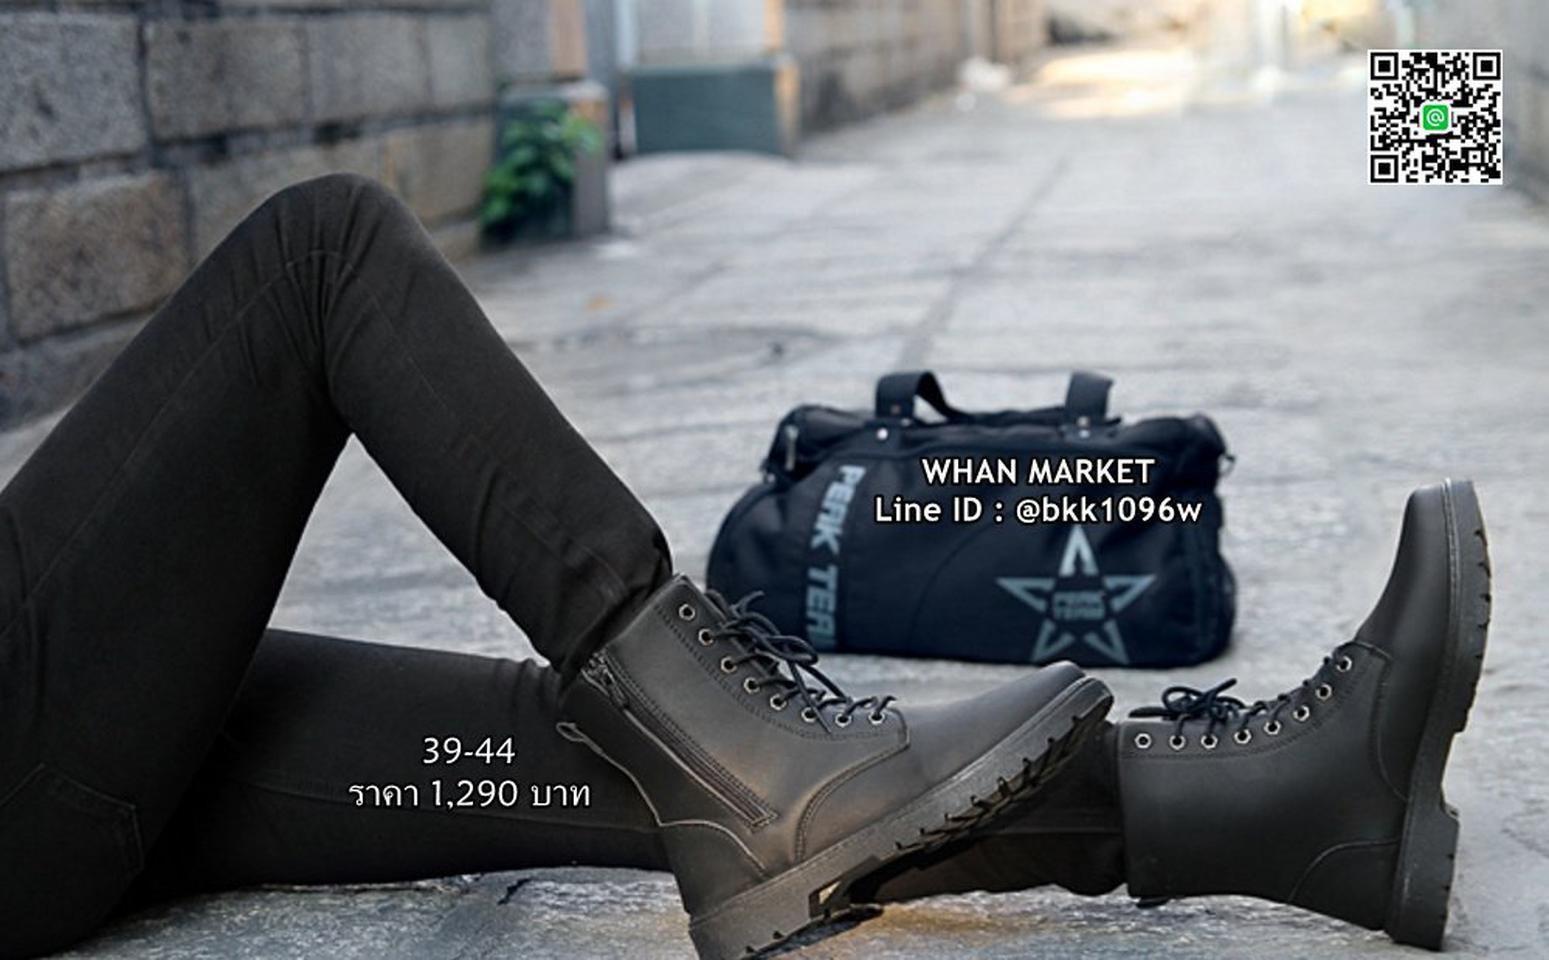 รองเท้าบูทผู้ชาย แฟชั่นนำเข้า วัสดุหนังPUคุณภาพดี มีซิปข้าง  รูปที่ 3